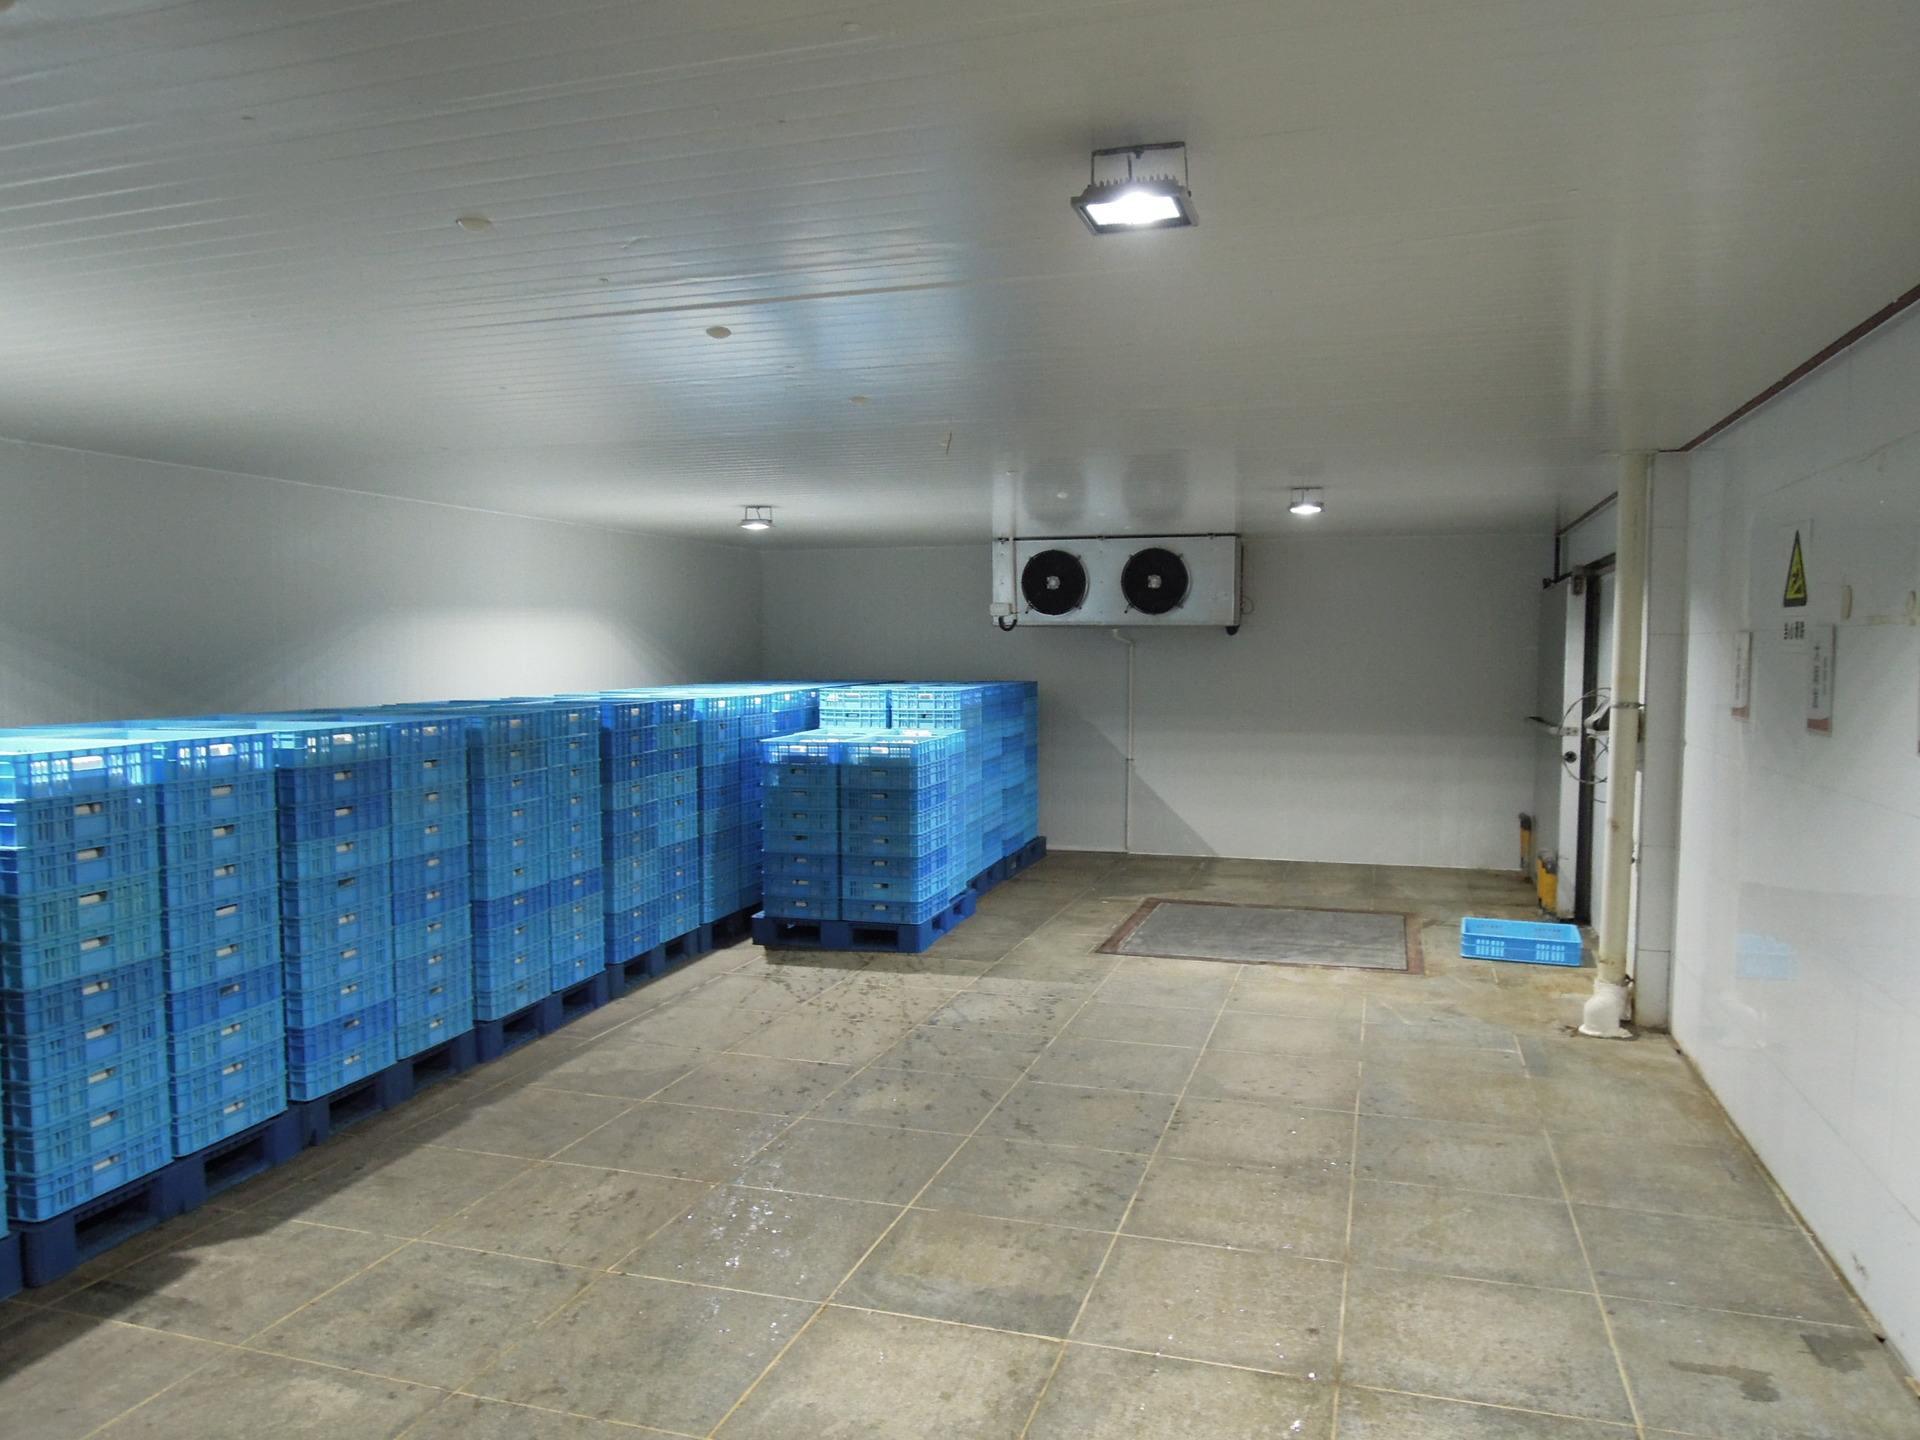 西安冷库厂家分享冷库是按照什么分类的